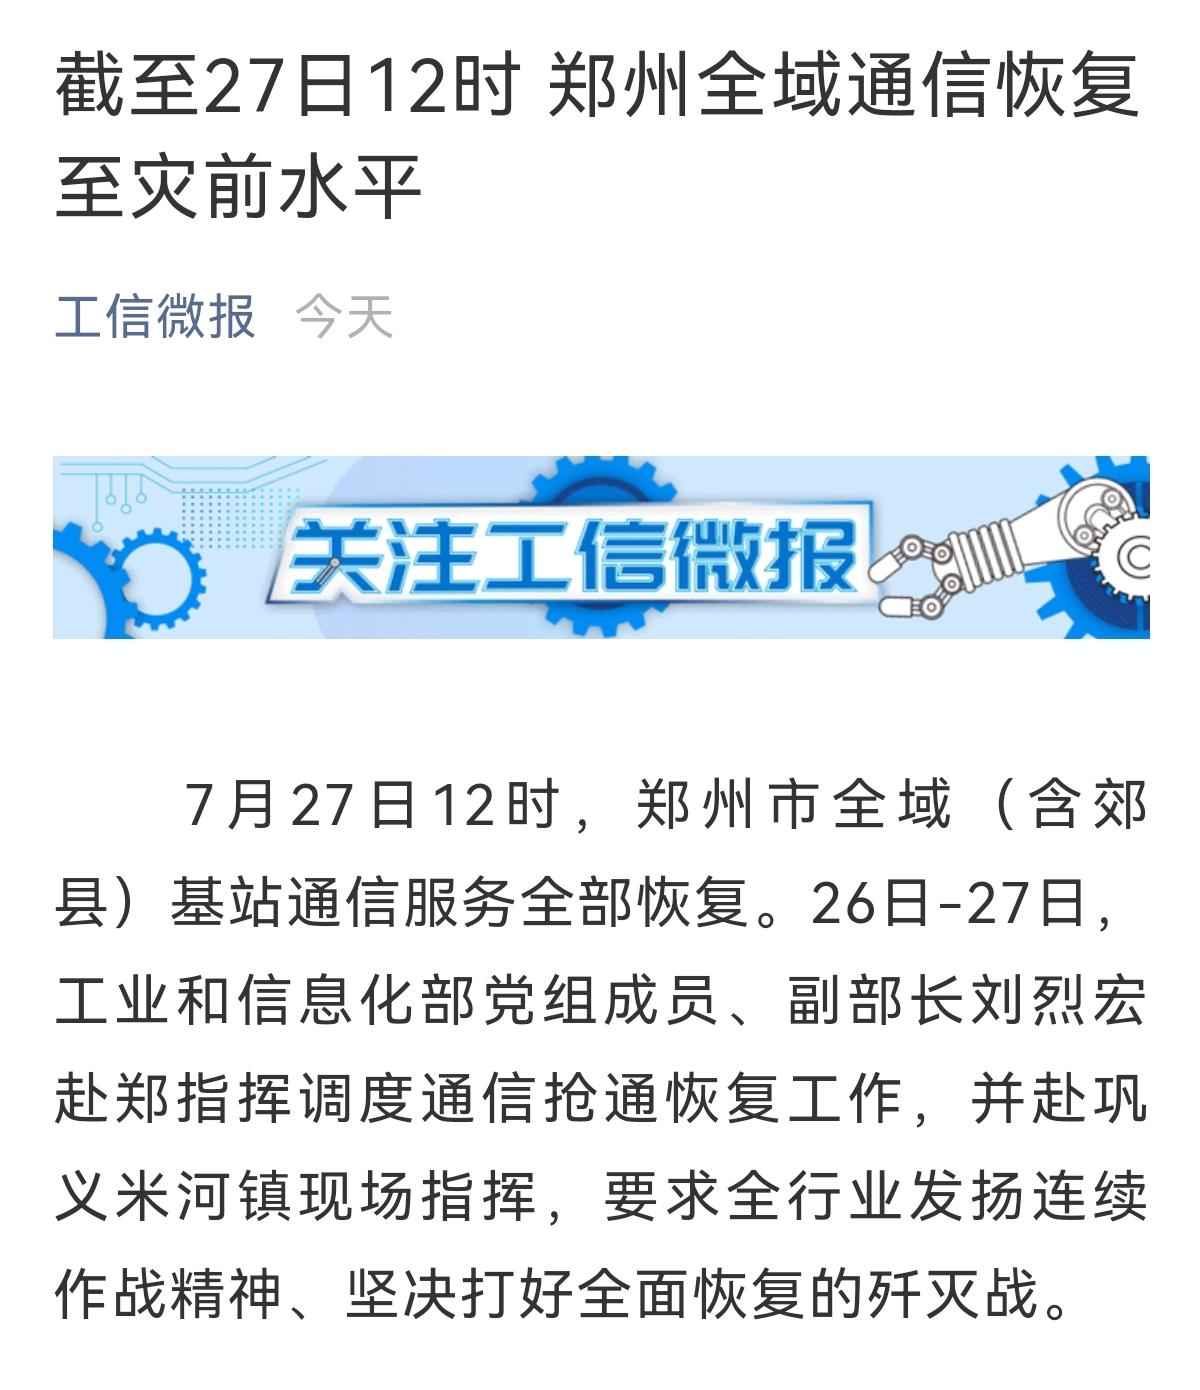 截至7月27日12时 郑州市全域(含郊县)基站通信服务全部恢复